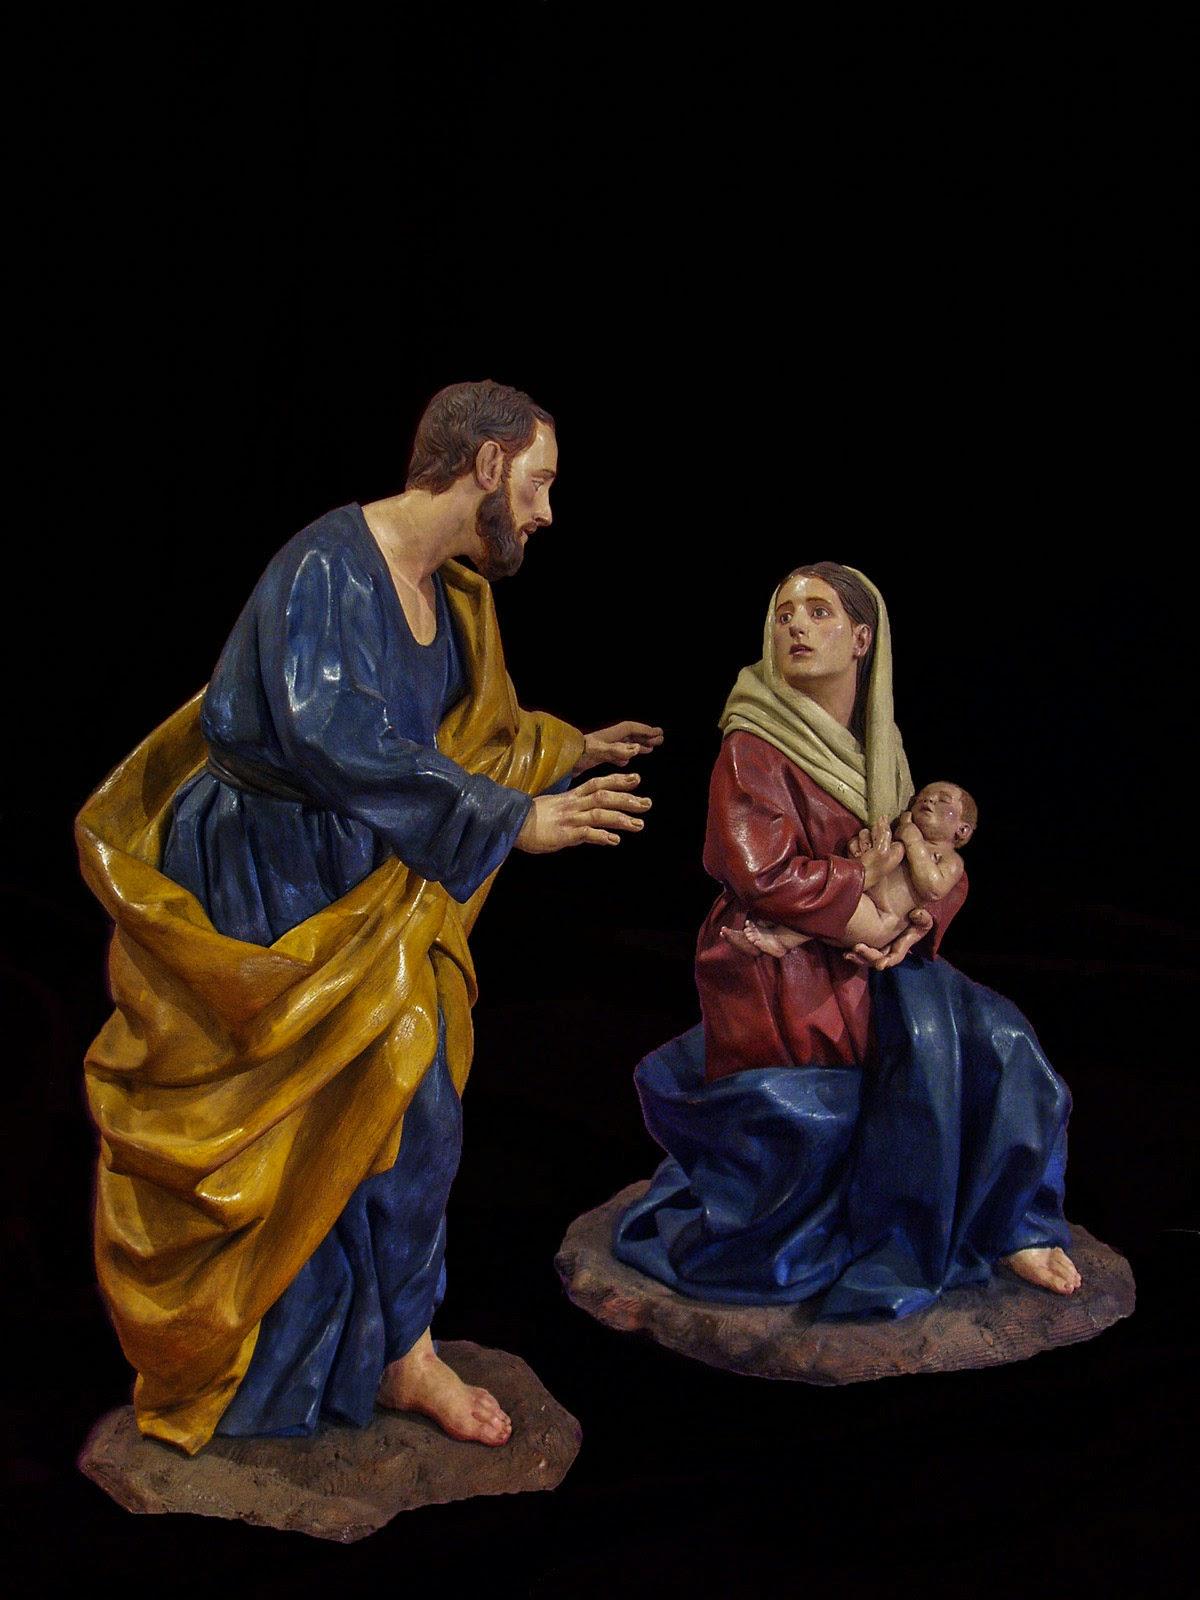 Nacimiento Belén Nativity krippe presepe Arturo Serra Barro 2